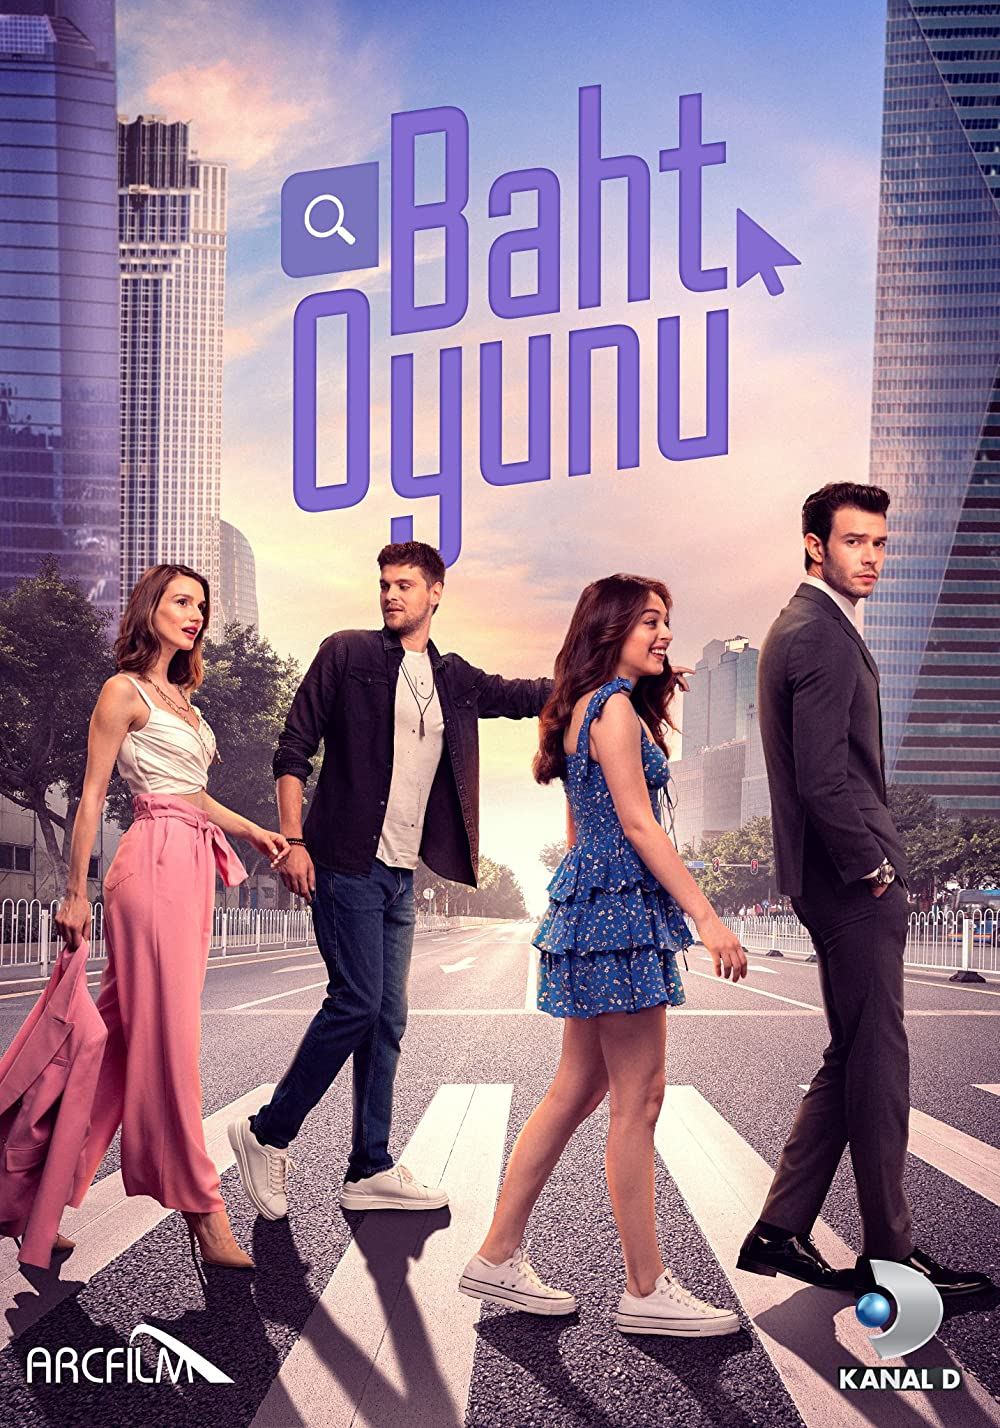 2021 مسلسل لعبة الحظ مسلسل لعبة الحظ الجزء الأول التركي صور الأبطال + تقرير الموسم الأول مترجم . لعبة الحظ